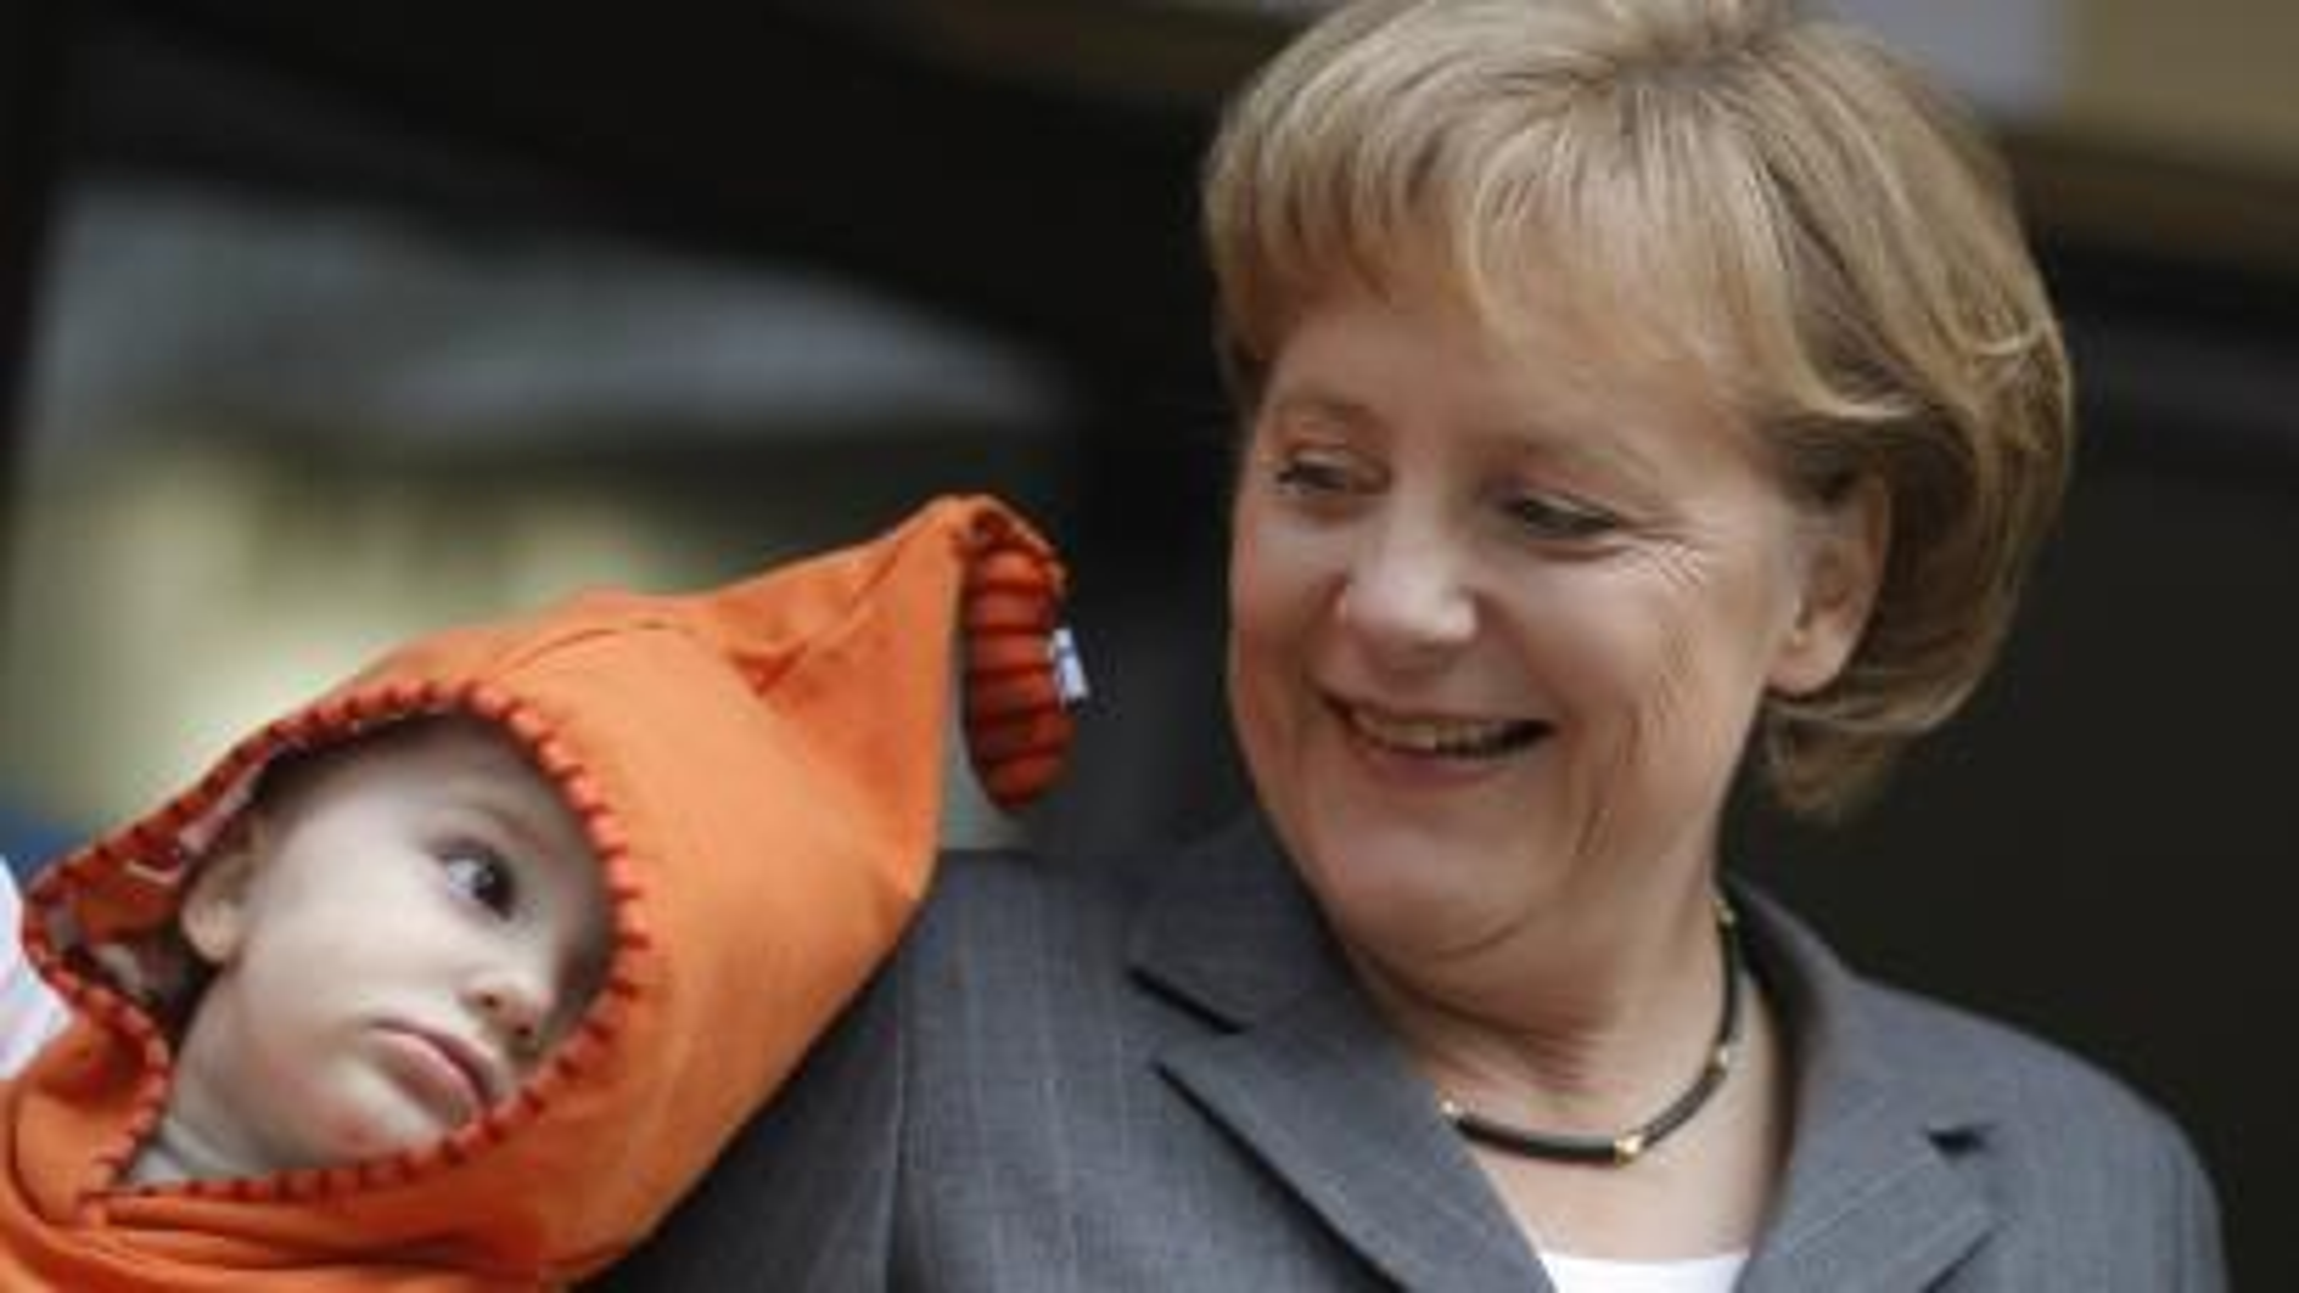 Merkel and child